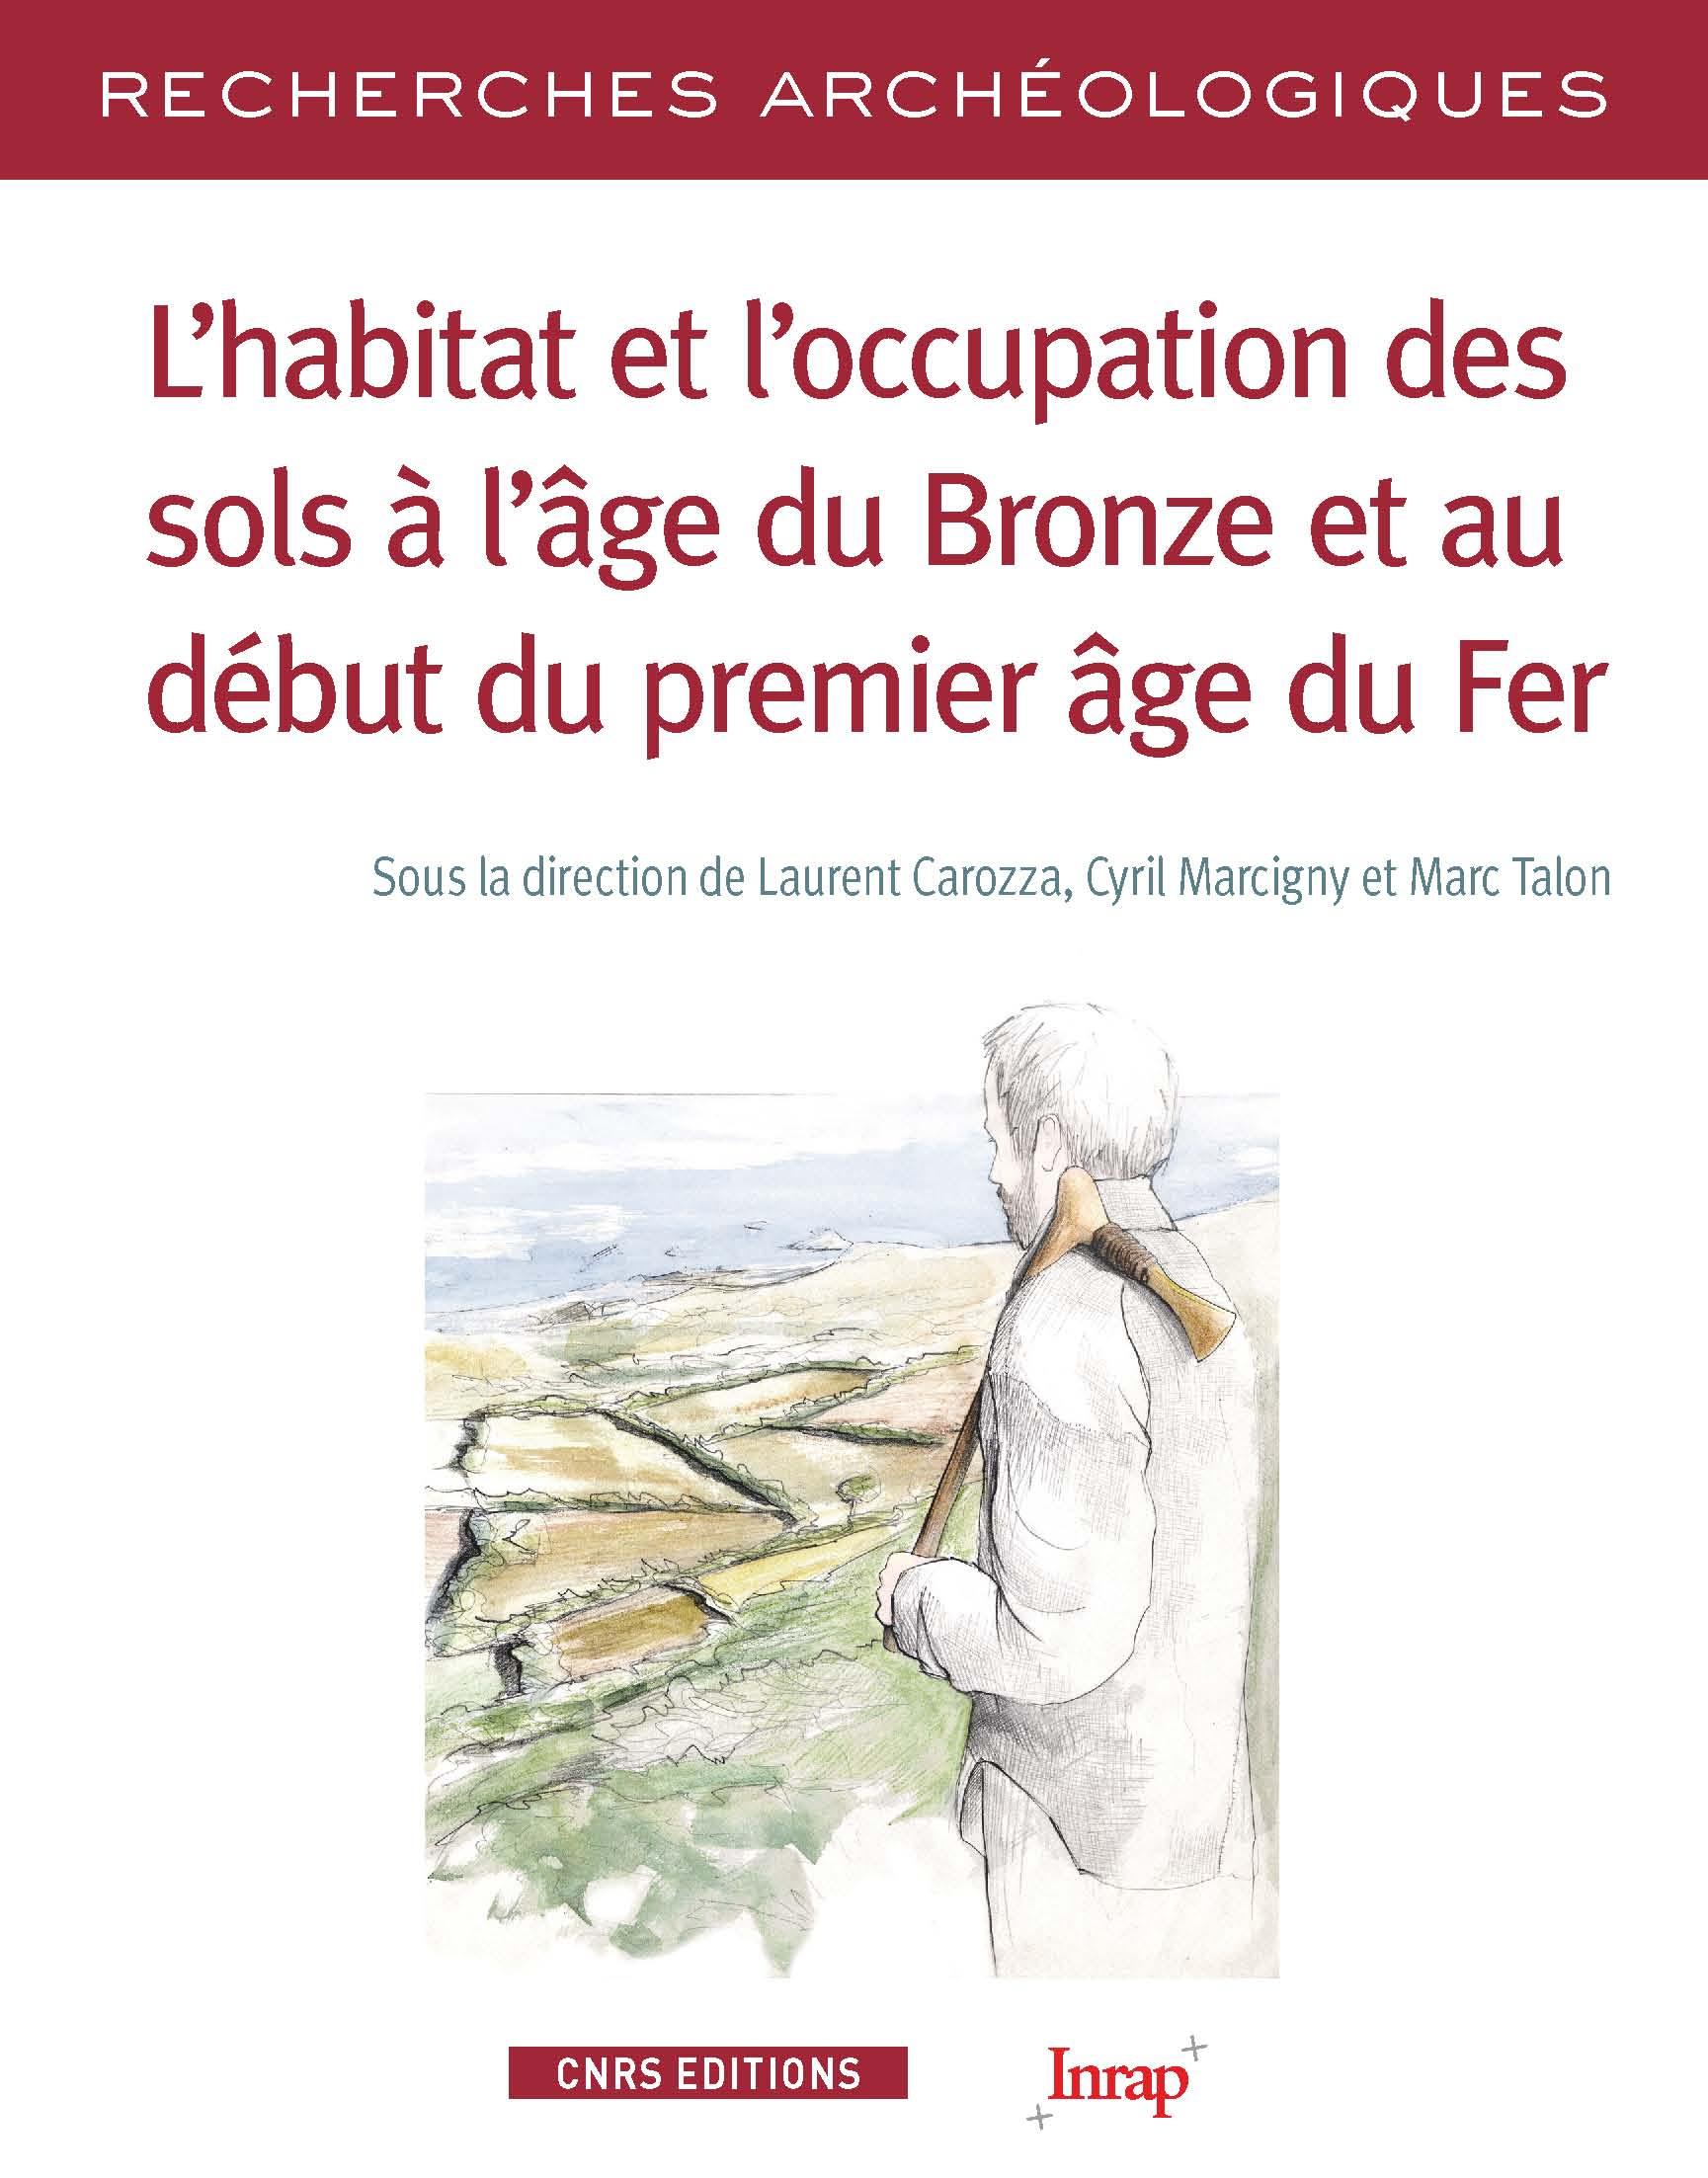 Recherches archéologiques n°12